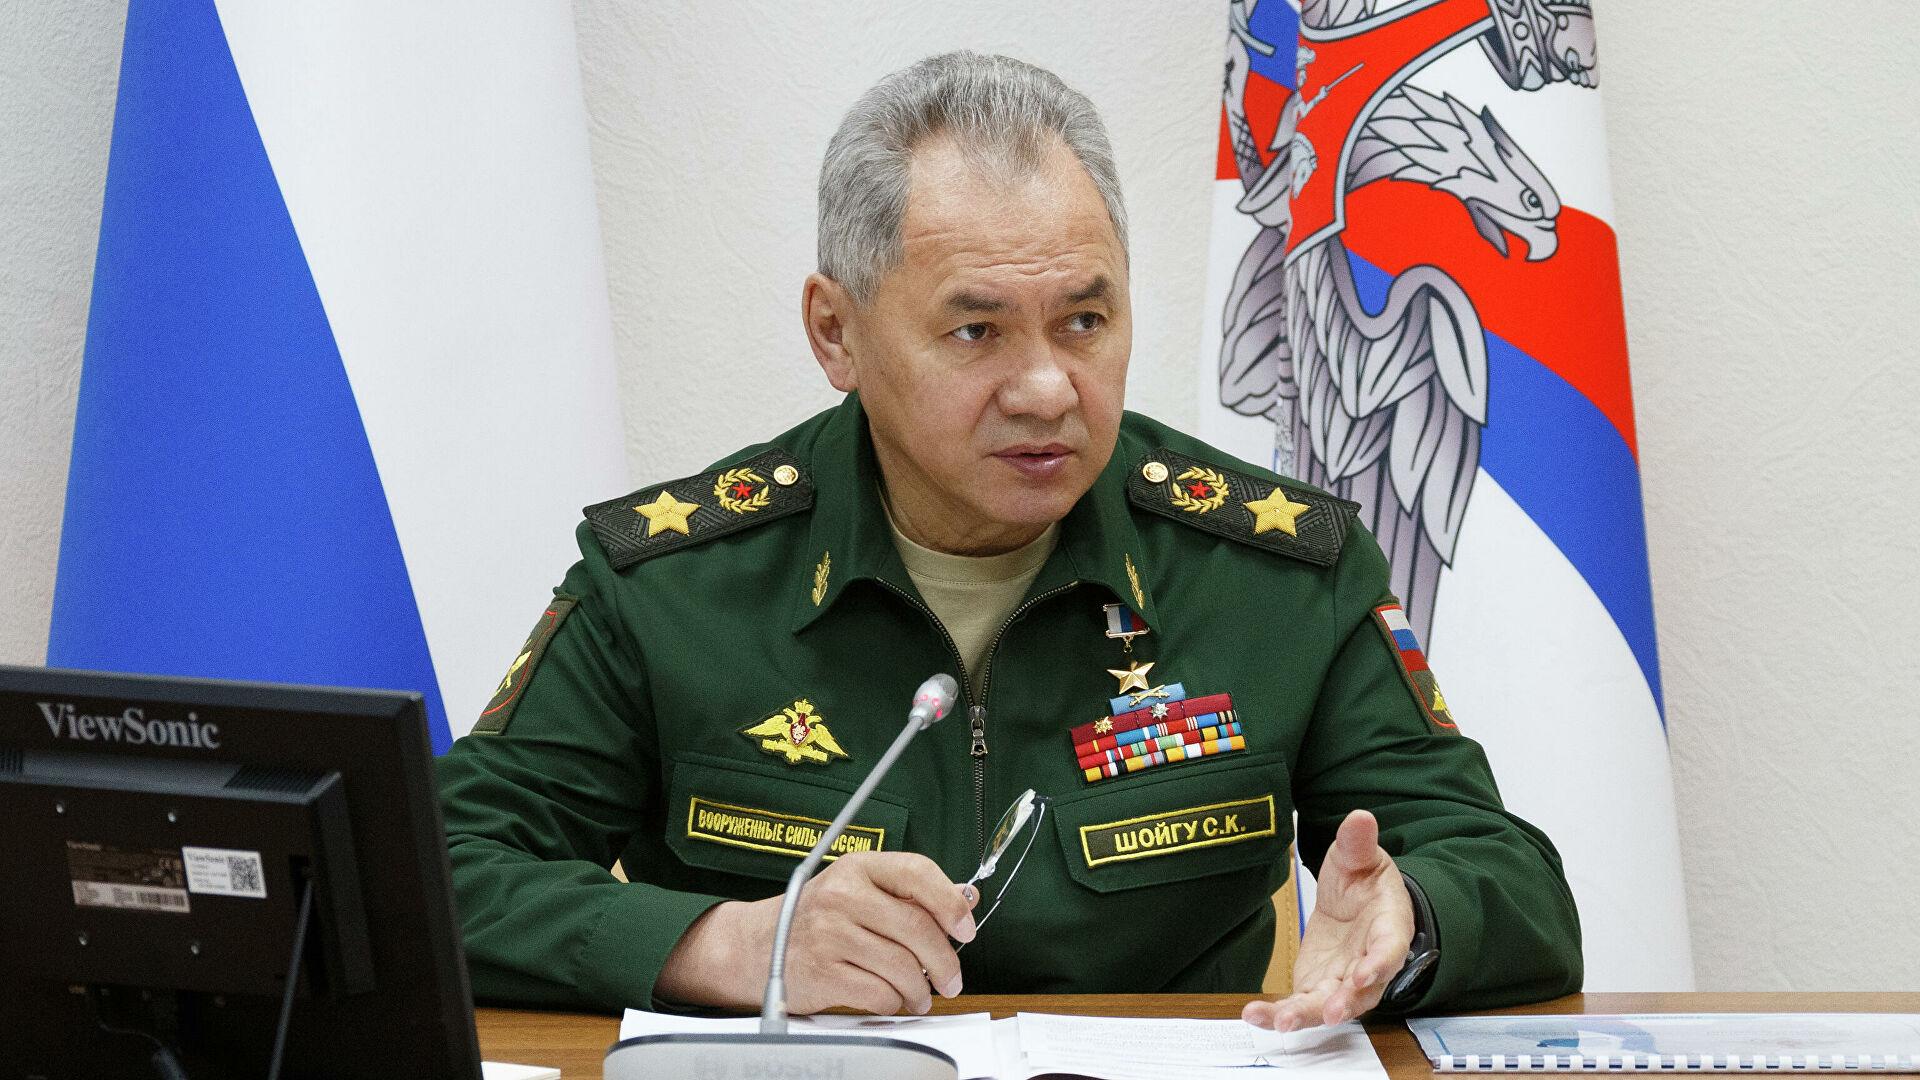 Шојгу: Тајна успеха руске војске у Сирији лежи у чињеници да је Москва, за разлику од Вашингтона, пажљива према специфичностима страних земаља